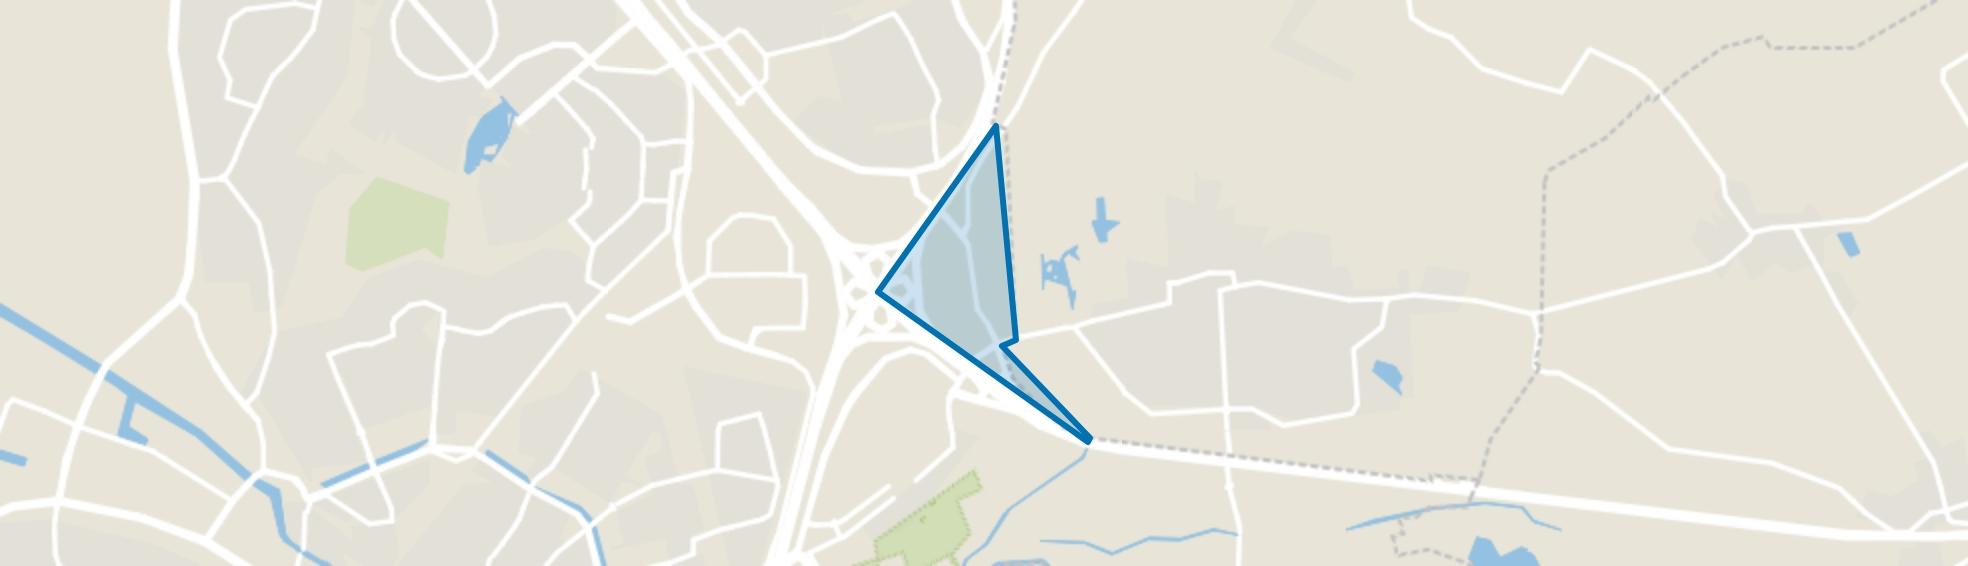 Nijkerkerstraat, Amersfoort map